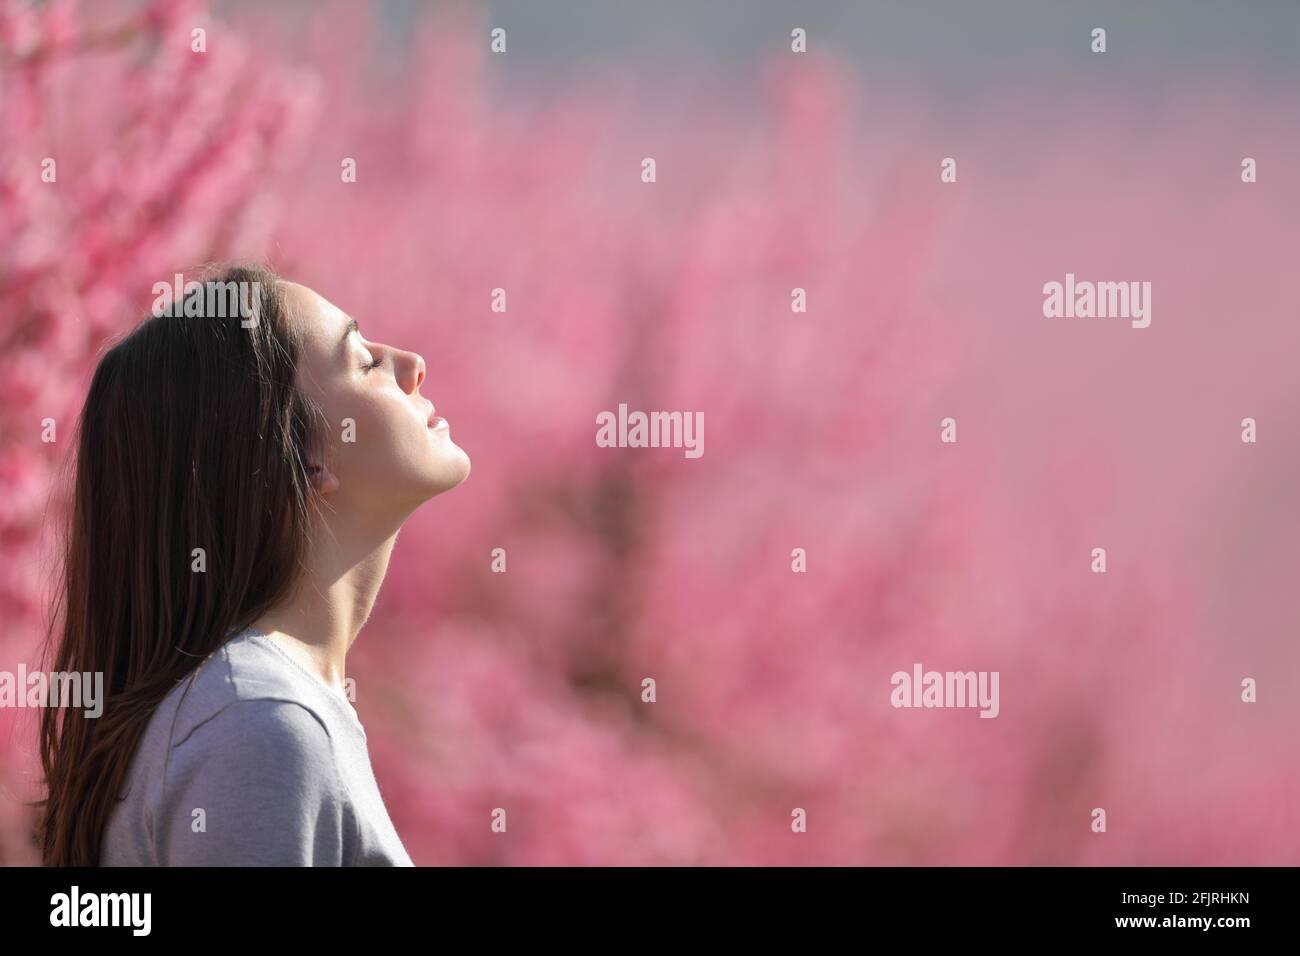 Profil d'une femme détendue respirant de l'air frais dans un champ rose de pêchers Banque D'Images